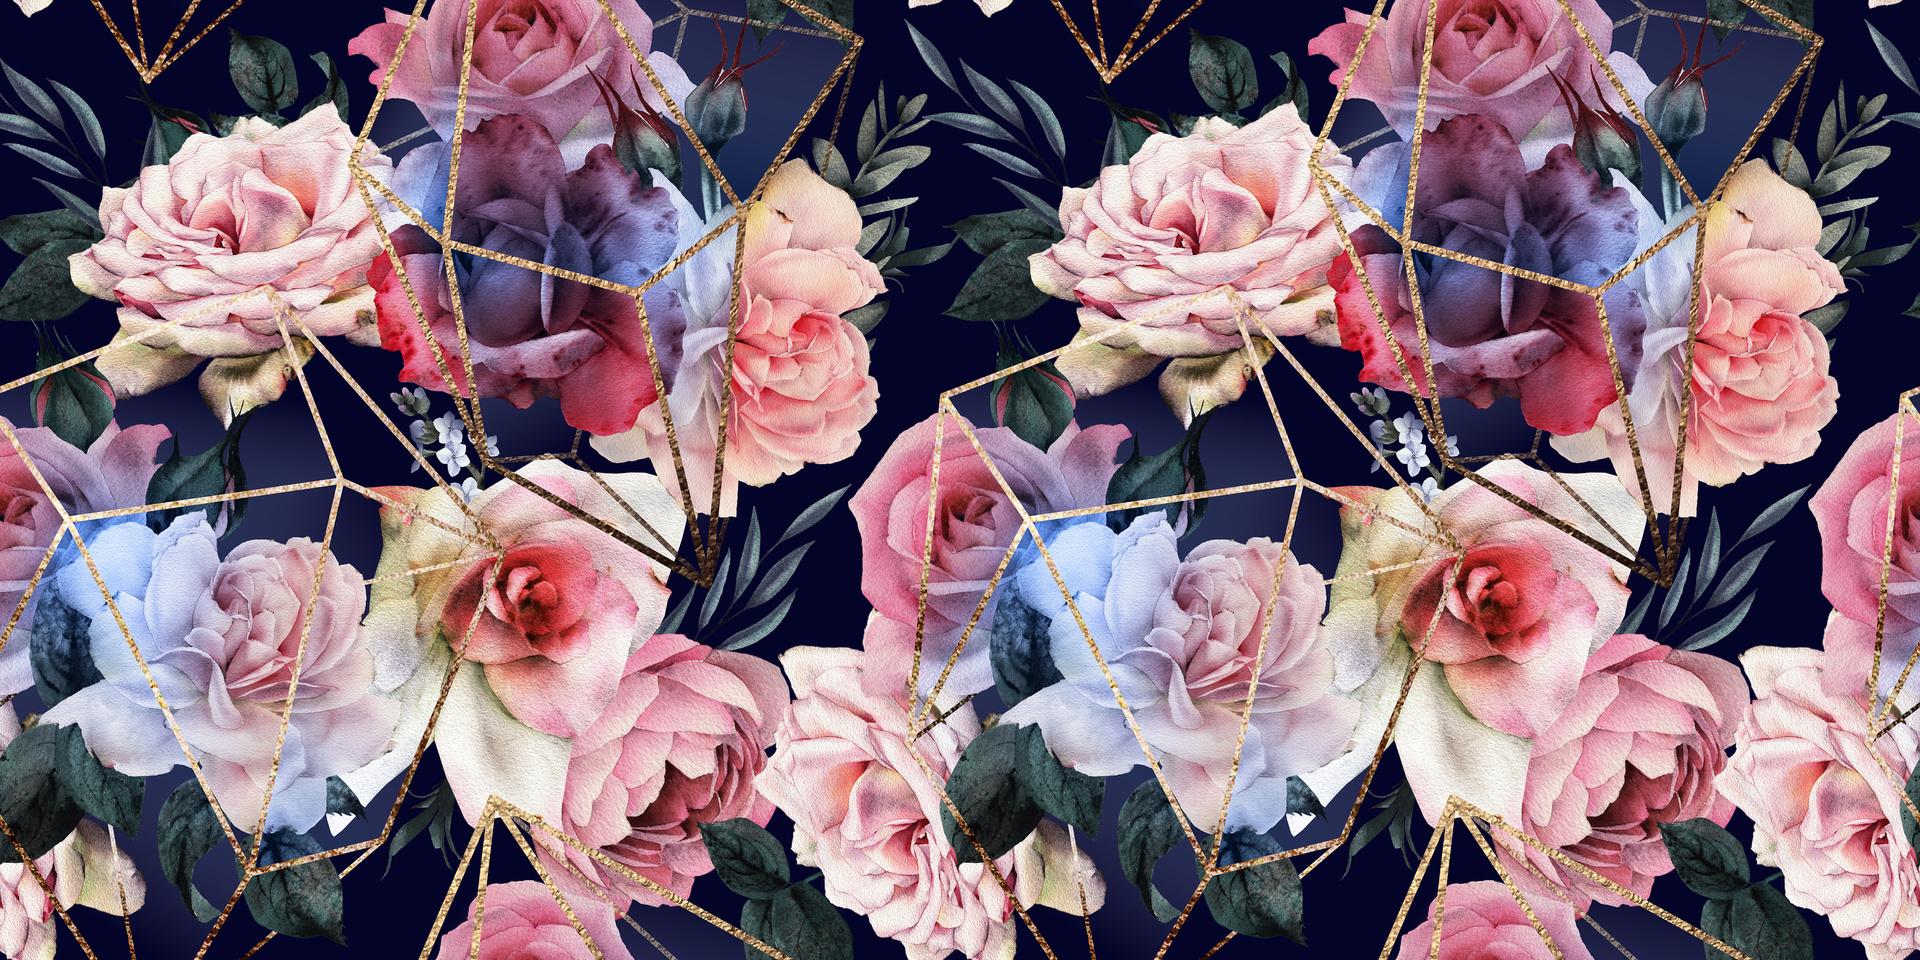 Fototapeta kwiaty na czarnym tle, złote wzory geometryczne, róże, tapeta 3D